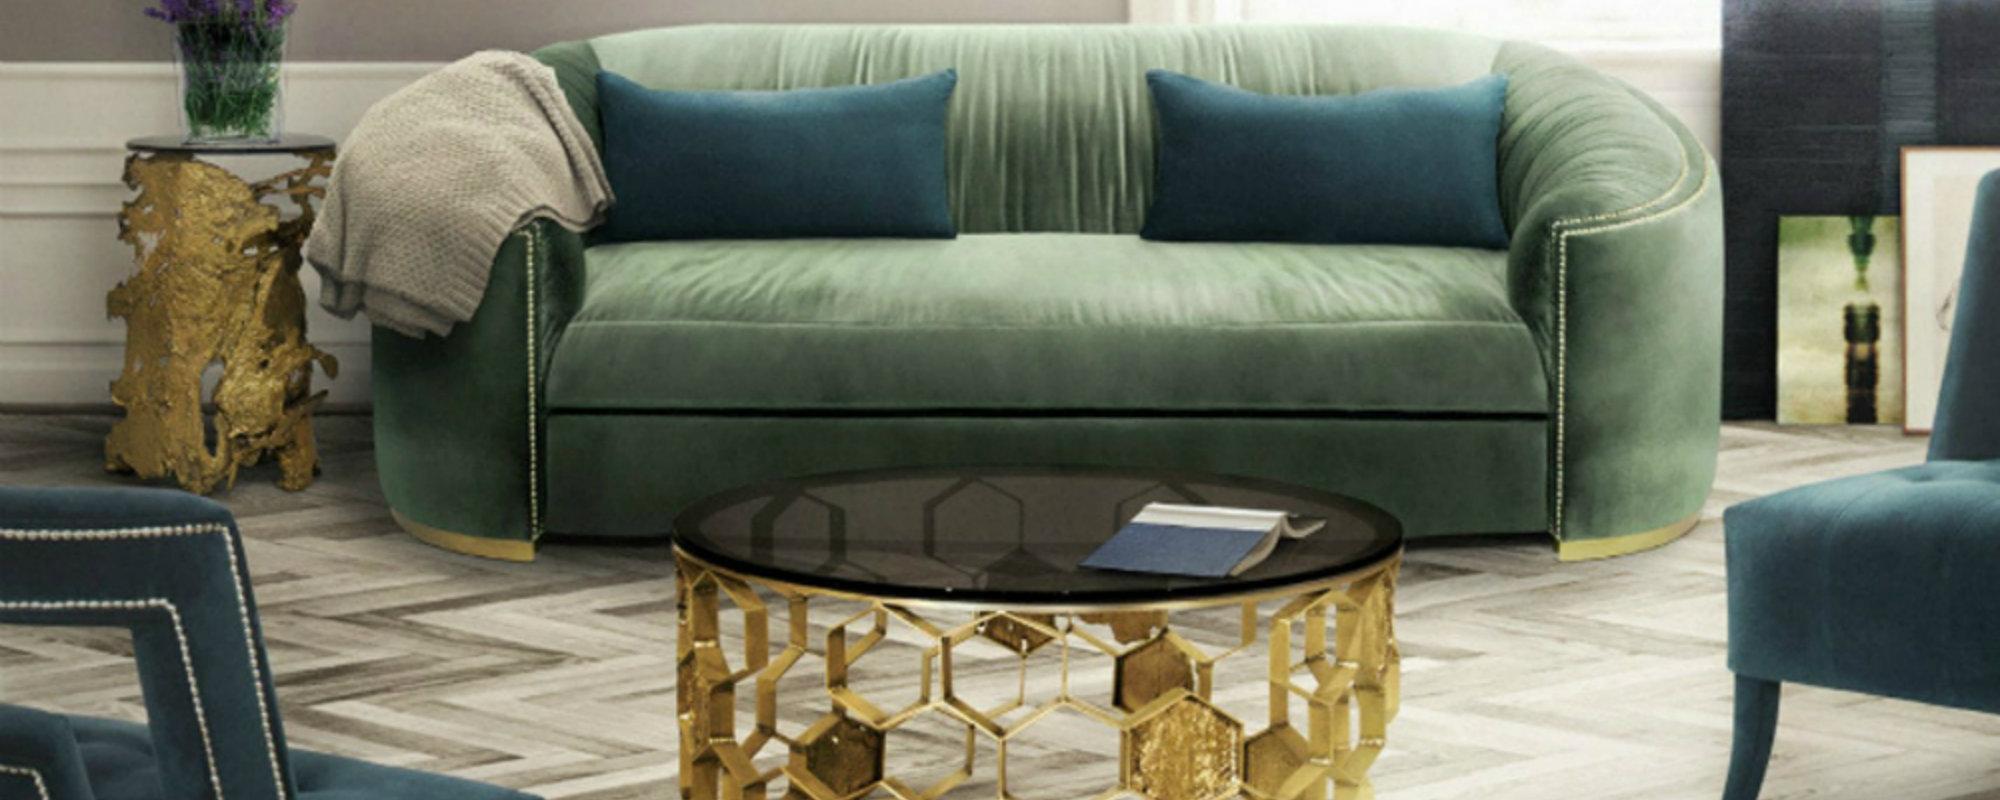 Tendecias para 2019: Diseño de interiores de lujo tendencias para 2019 Tendencias para 2019: Diseño de interiores de lujo Fatured1